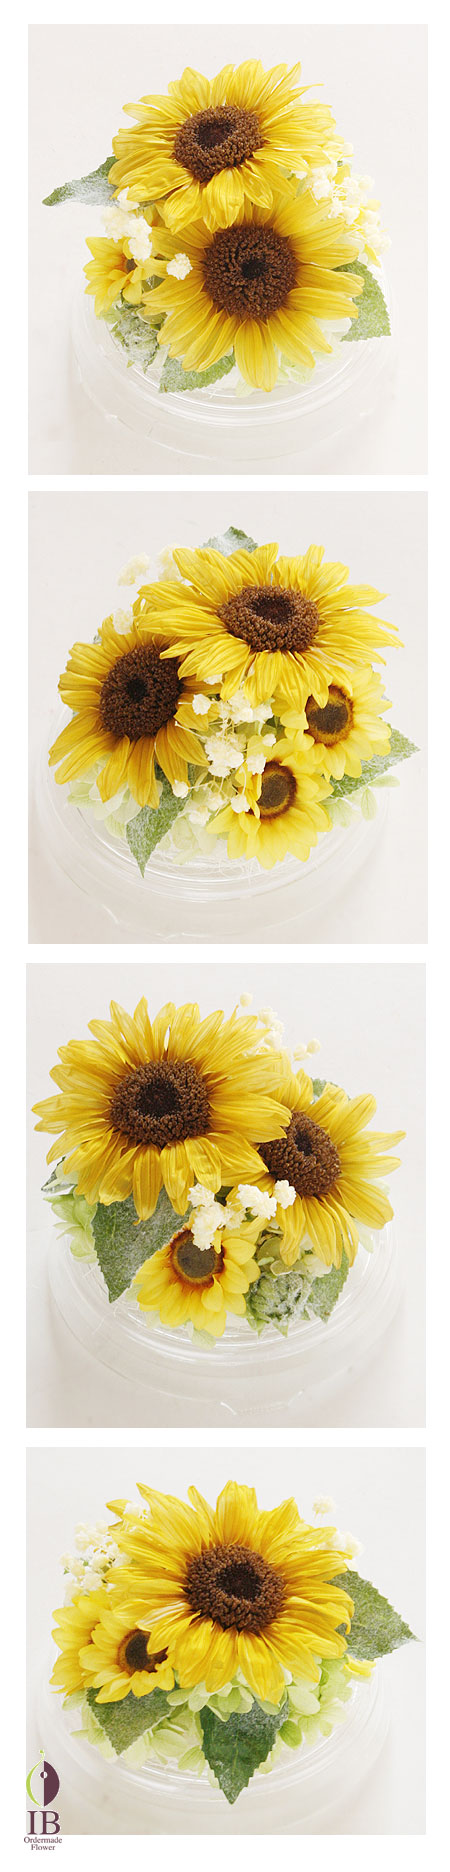 プリザ ドームのお花